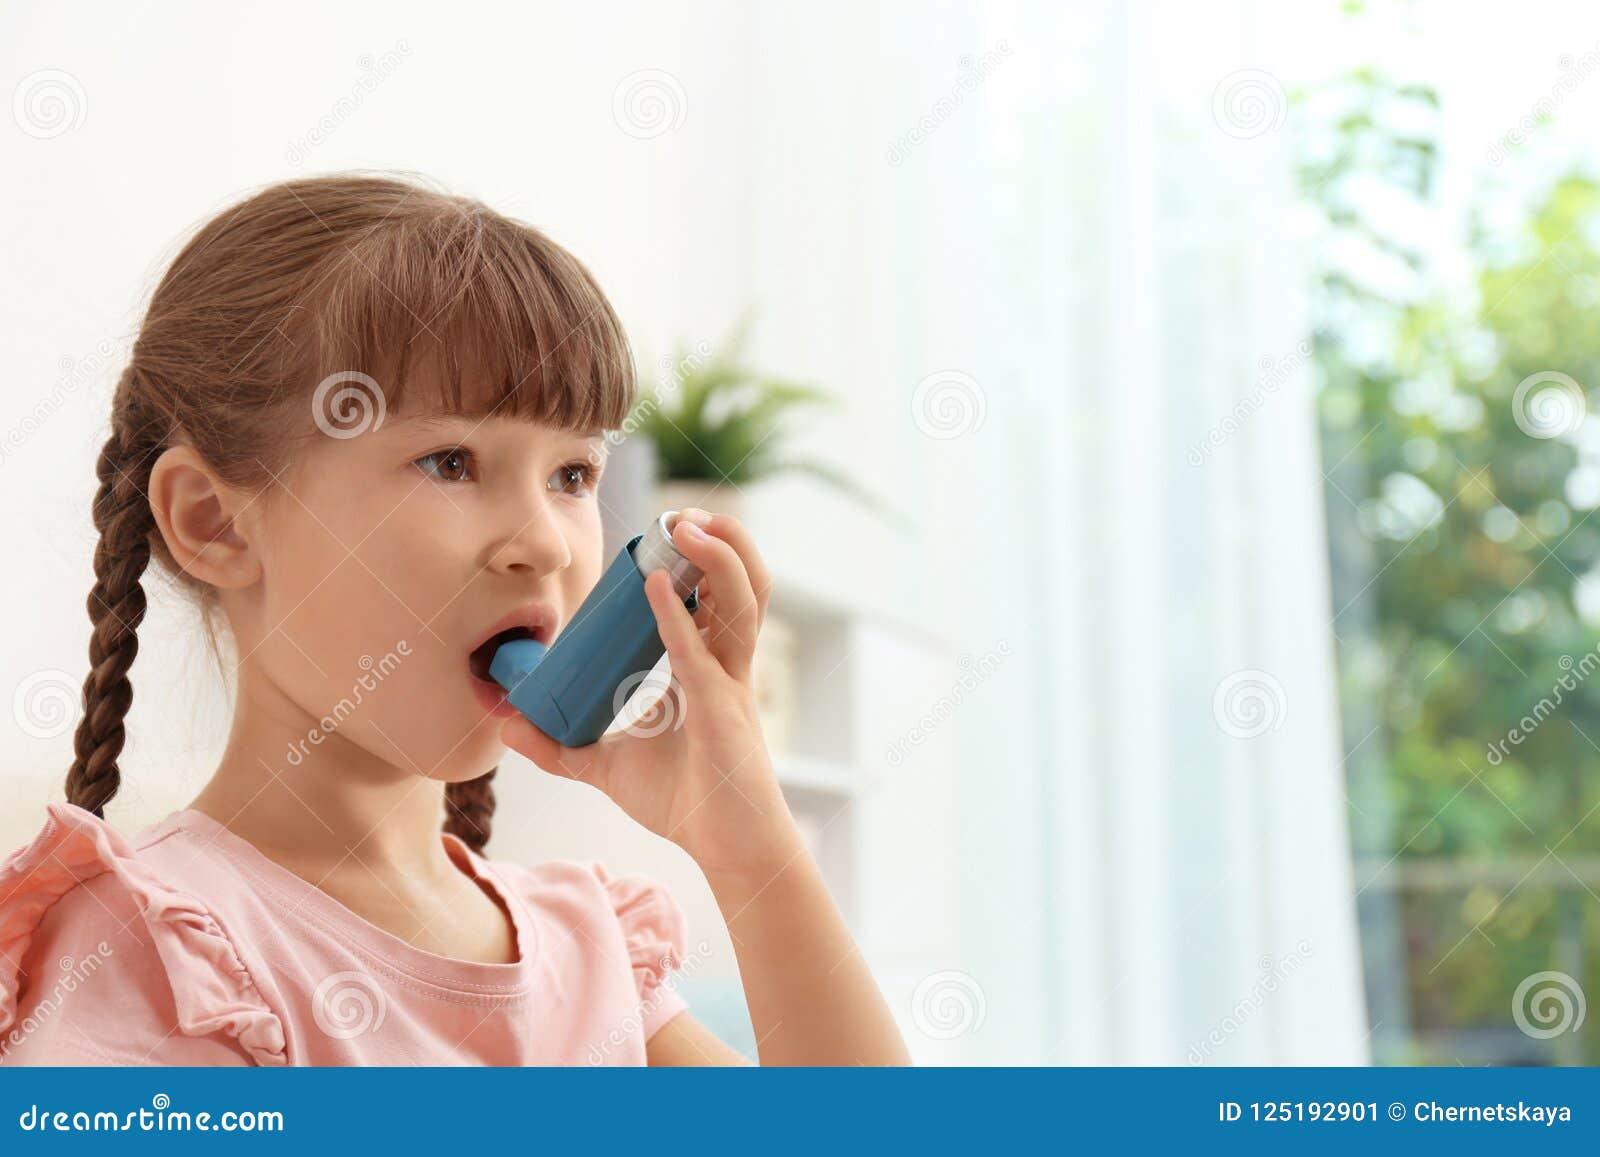 使用哮喘吸入器的小女孩